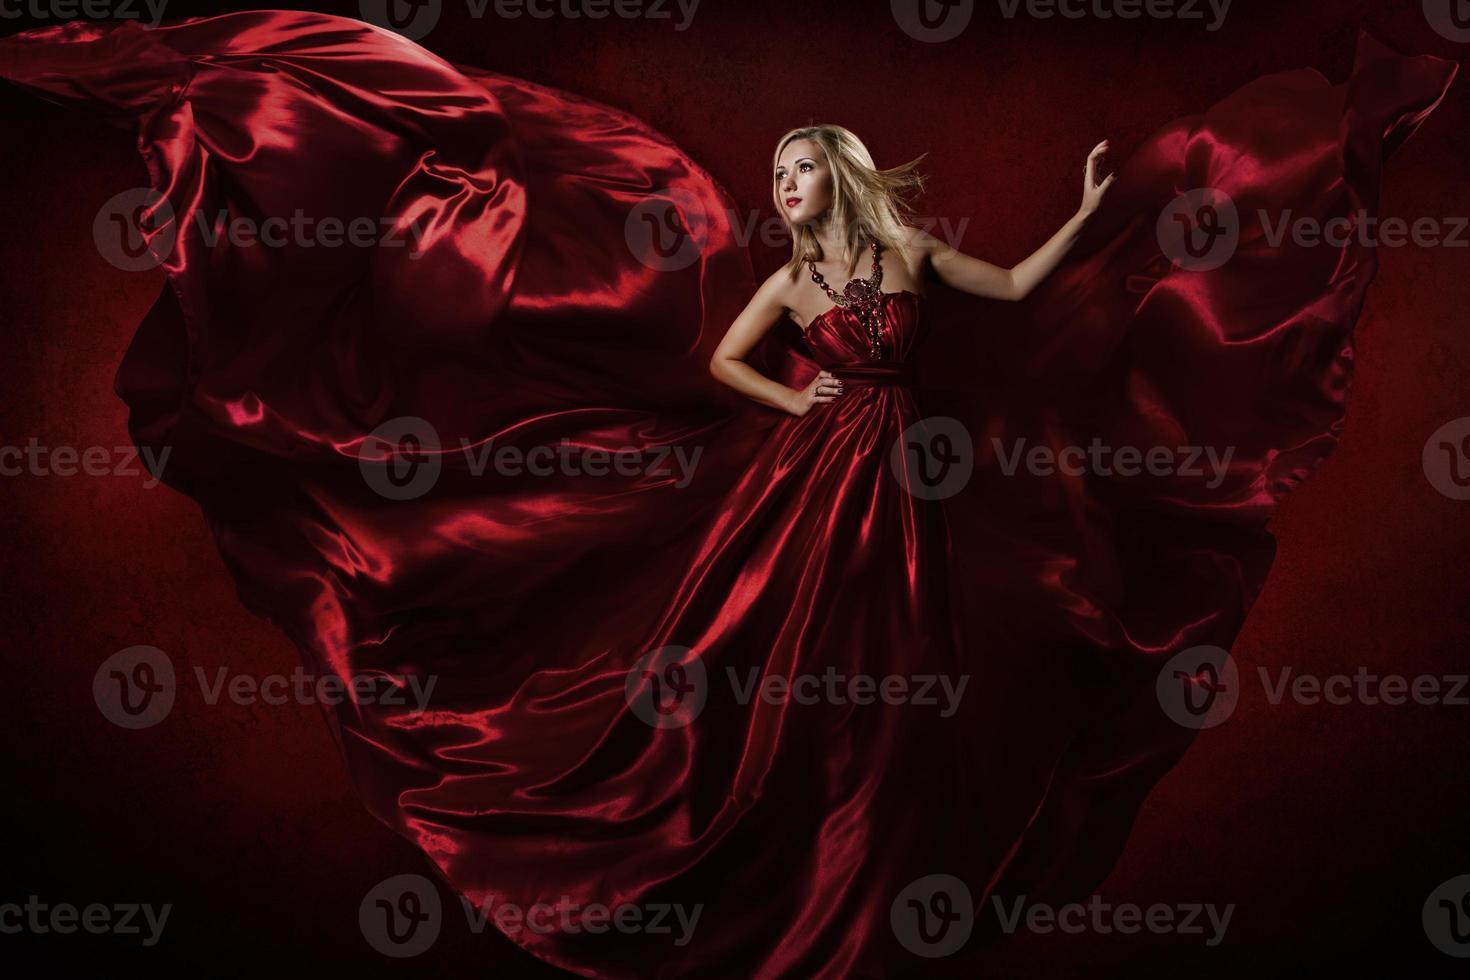 mulher de vestido vermelho dançando com tecido voador foto